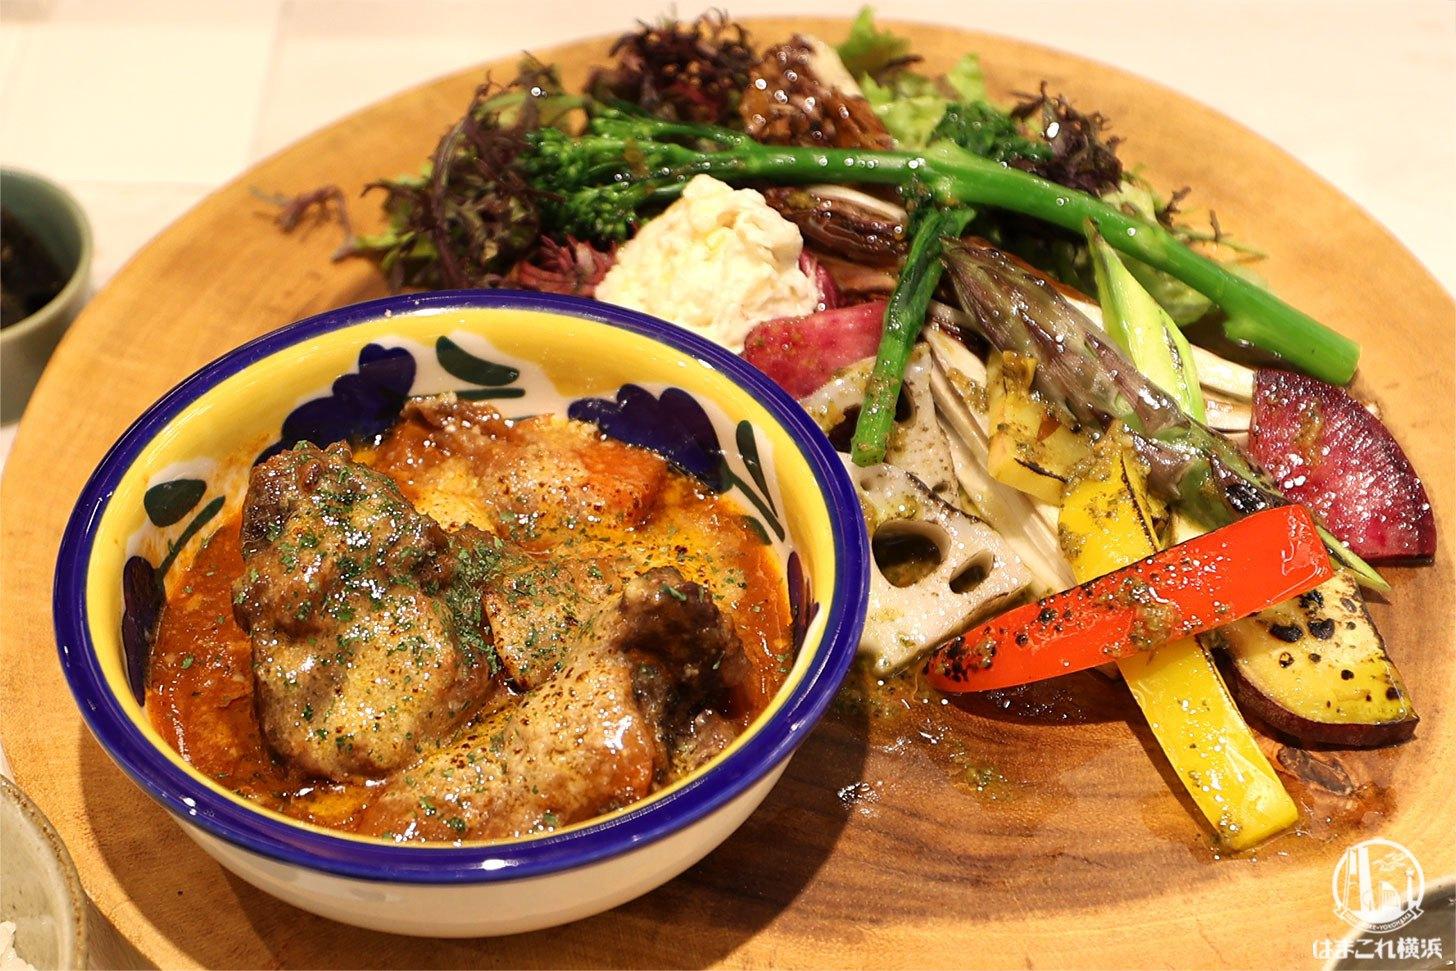 横浜高島屋「ベイヤ」はランチ充実の穴場!お米にこだわる料理と隠れた魅力